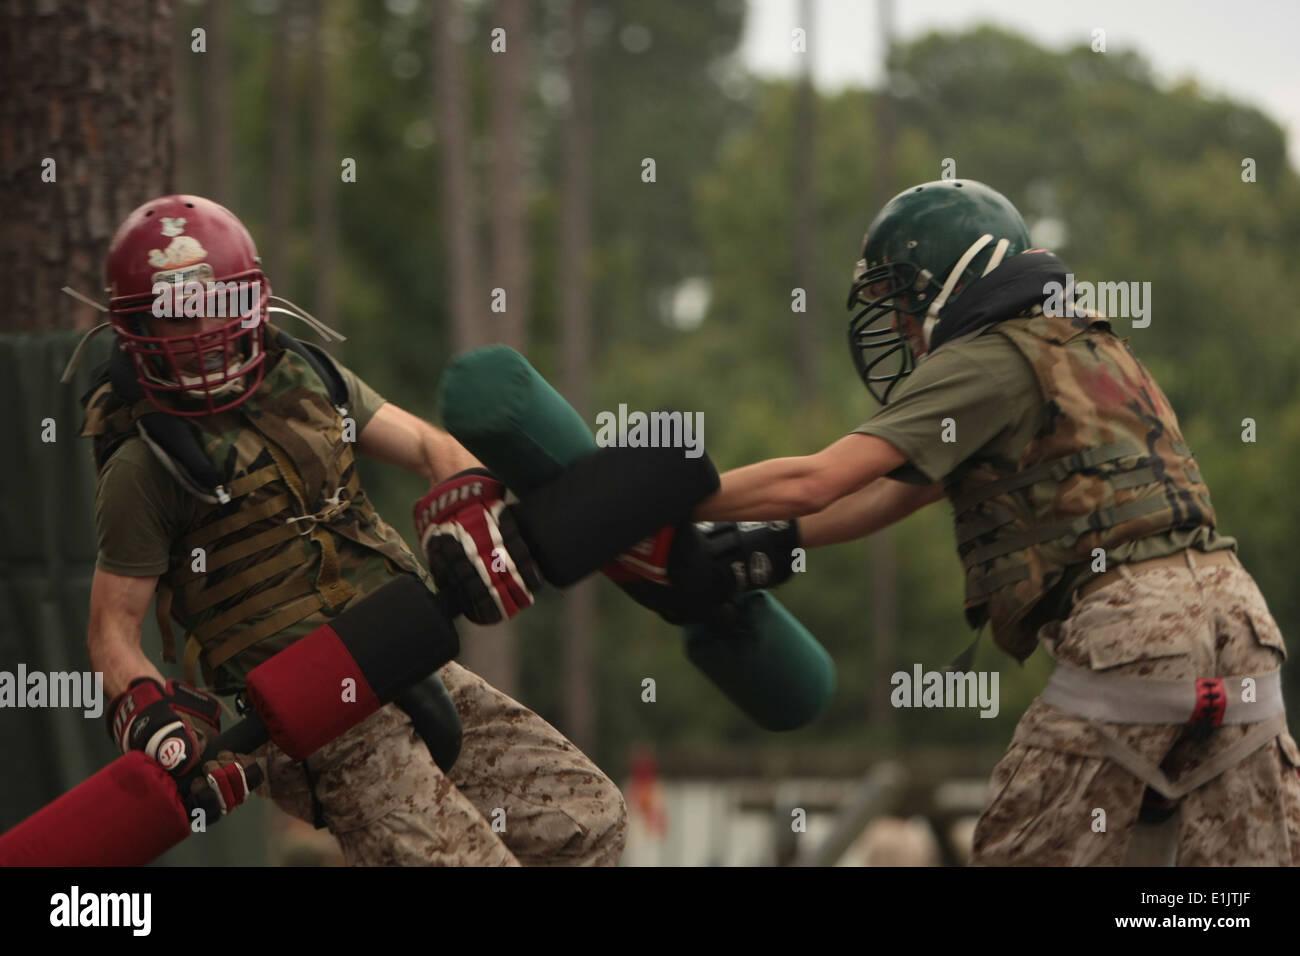 Stati Uniti Le reclute Marine con chilo Co., battaglia durante pugil stick formazione a Parris Island, S.C., Sett. 17, 2013. Reclute combattuto Immagini Stock